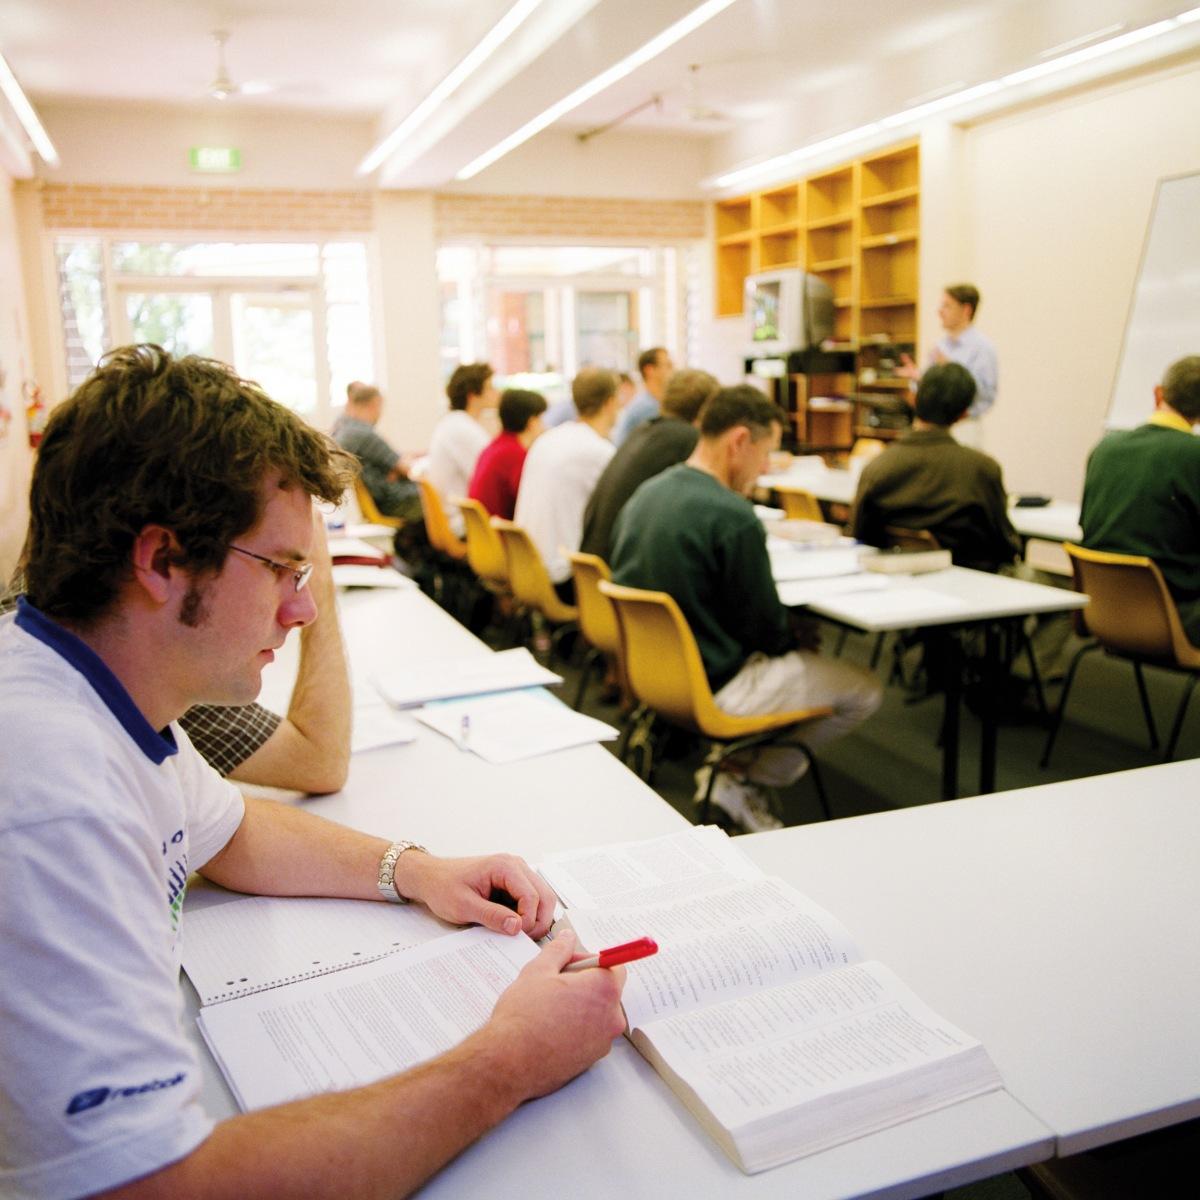 เทคนิคการฝึกภาษาอังกฤษของผม